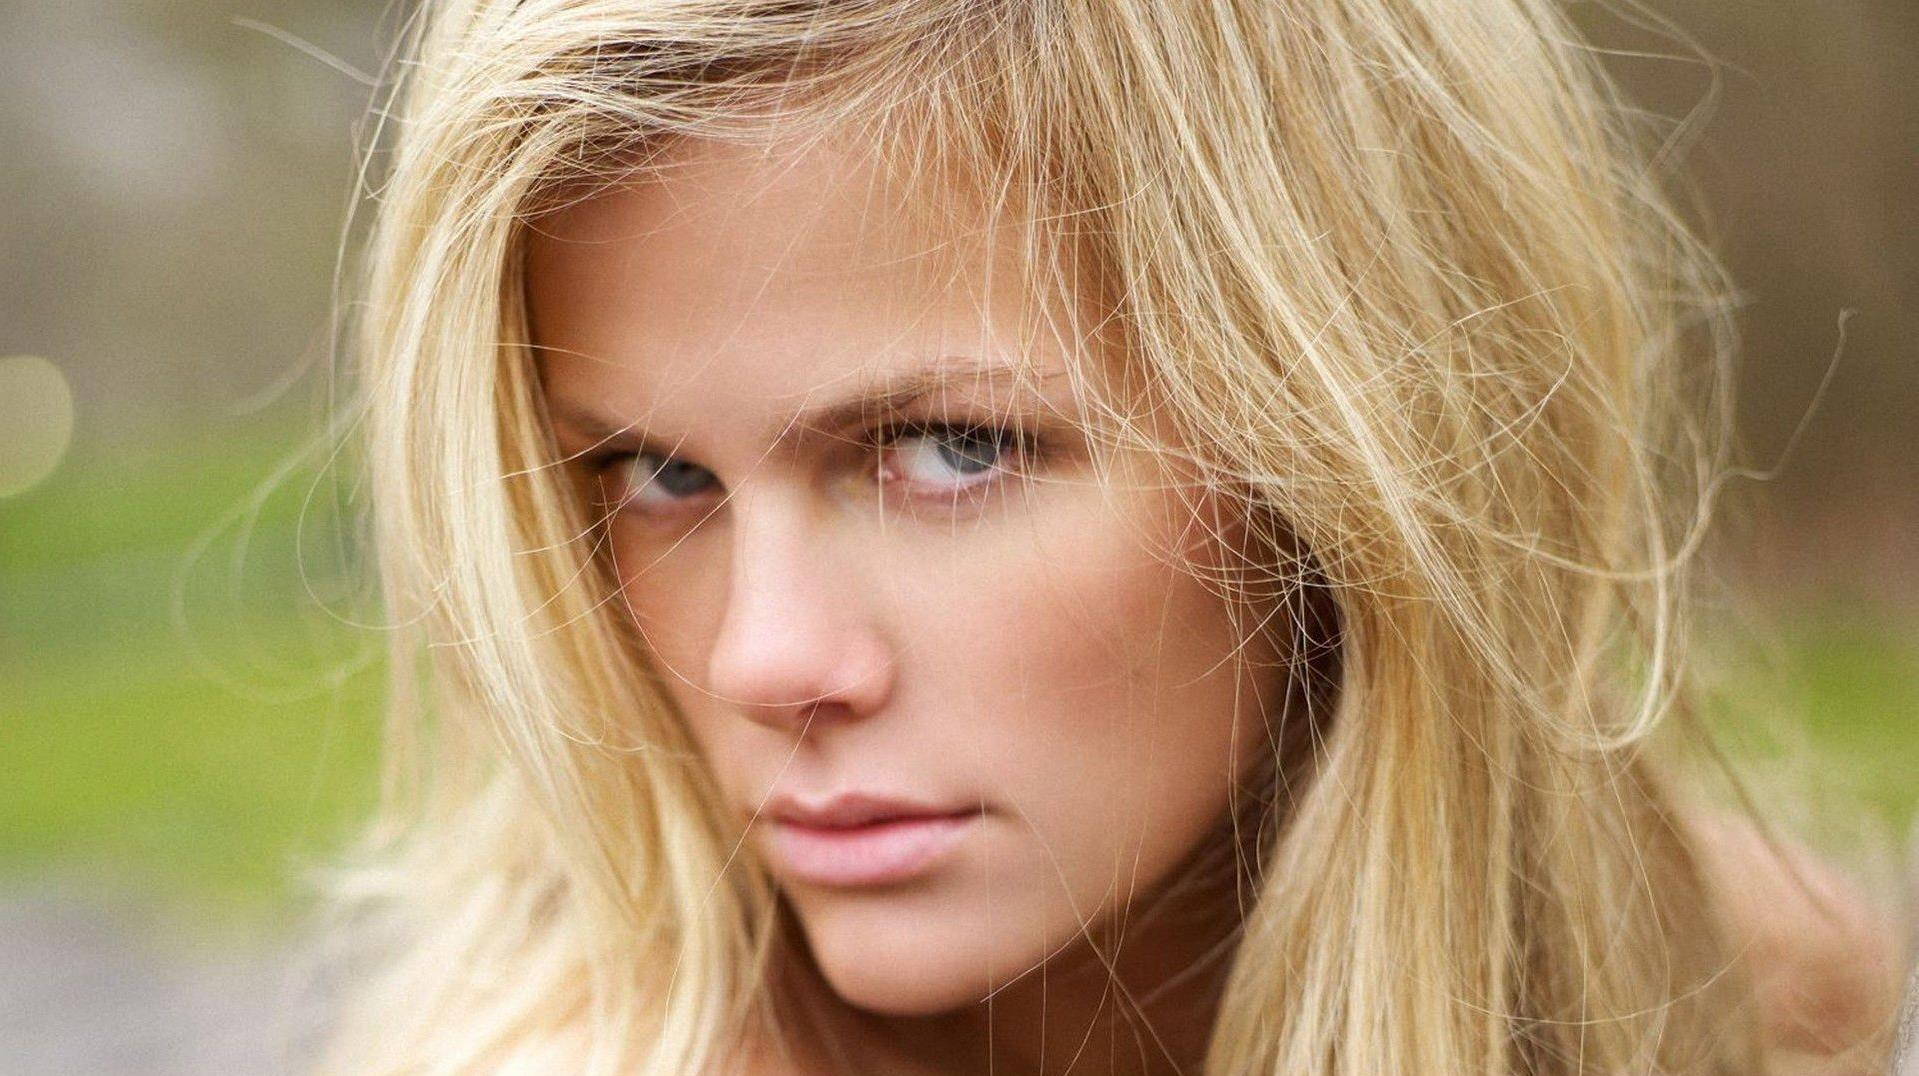 fond-ecran-filles-blondes_7